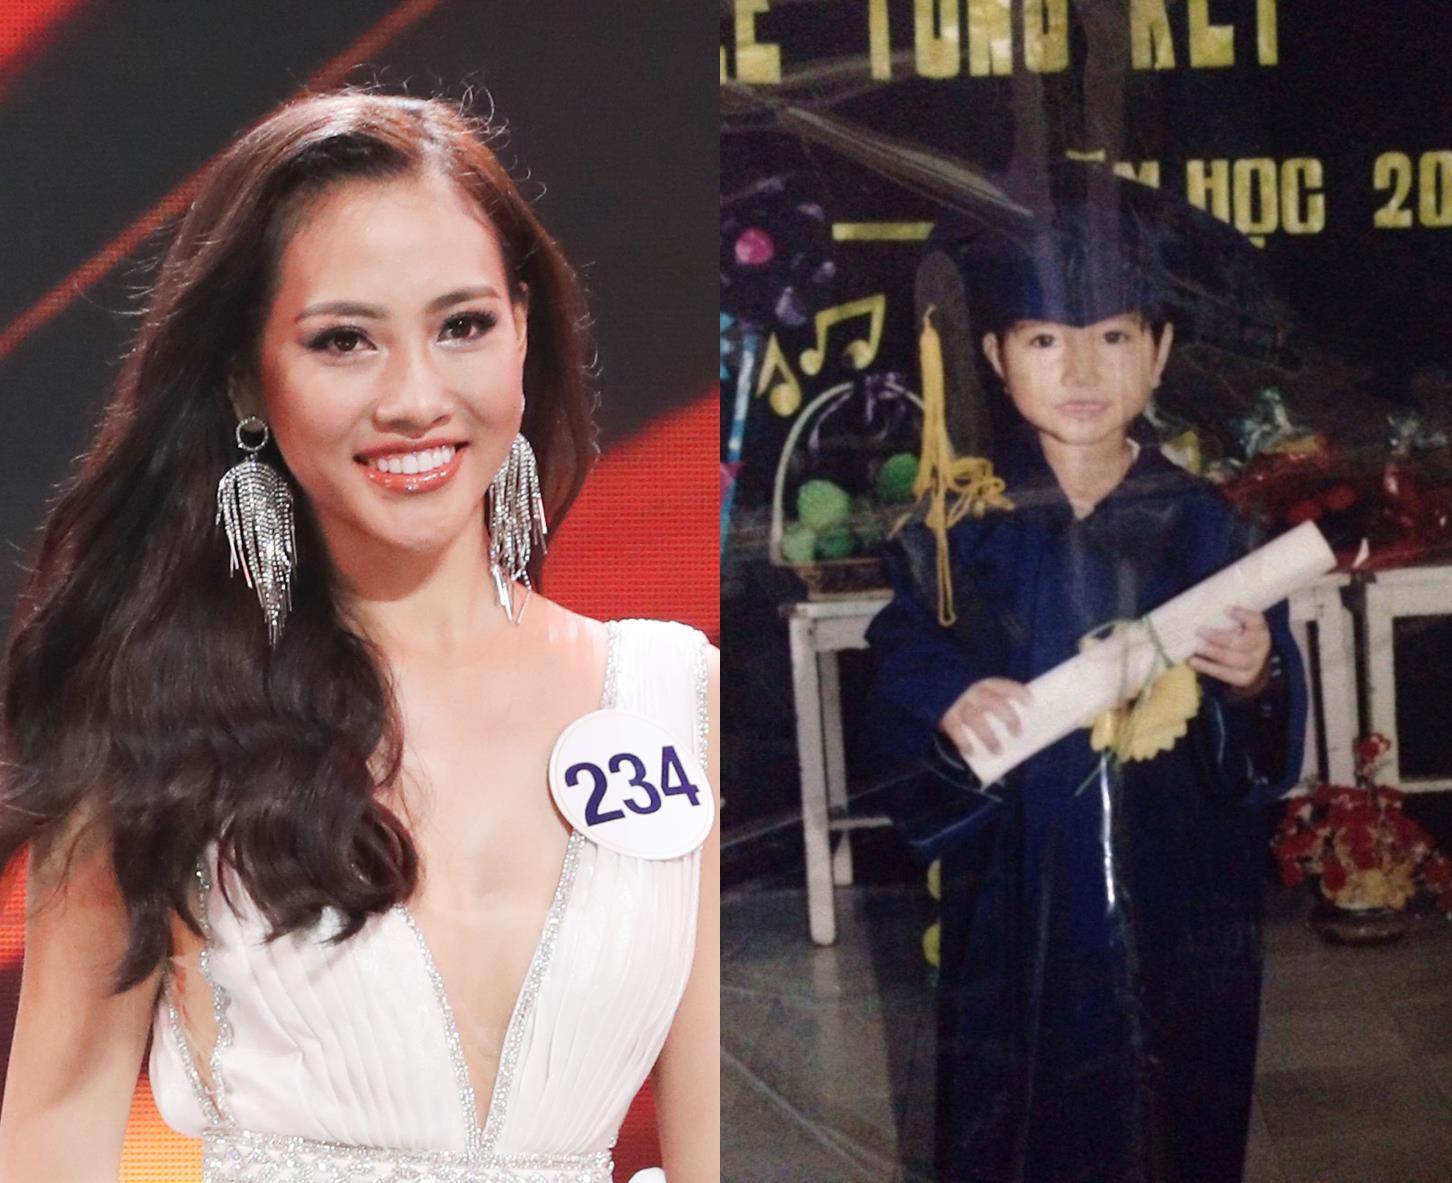 Ảnh ngày ấy - bây giờ của dàn thí sinh Hoa hậu Hoàn vũ chứng tỏ thời gian chính là liều thuốc thẩm mỹ hoàn hảo nhất!